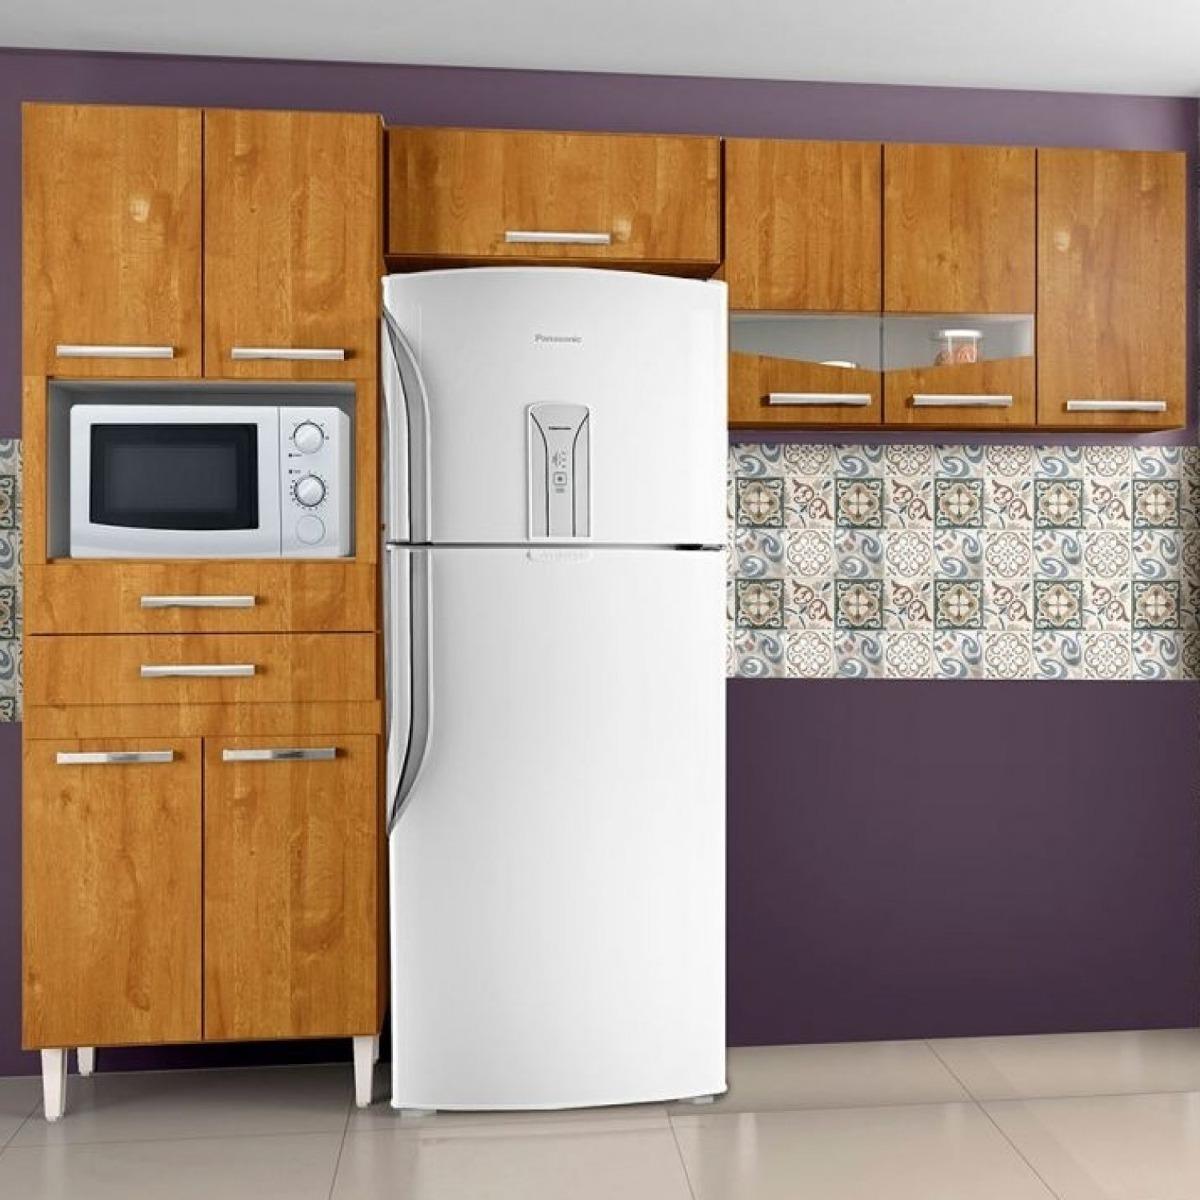 Cozinha Compacta 3 Pe As 8 Portas 2 Gavetas L Via Chf Hwt R 527